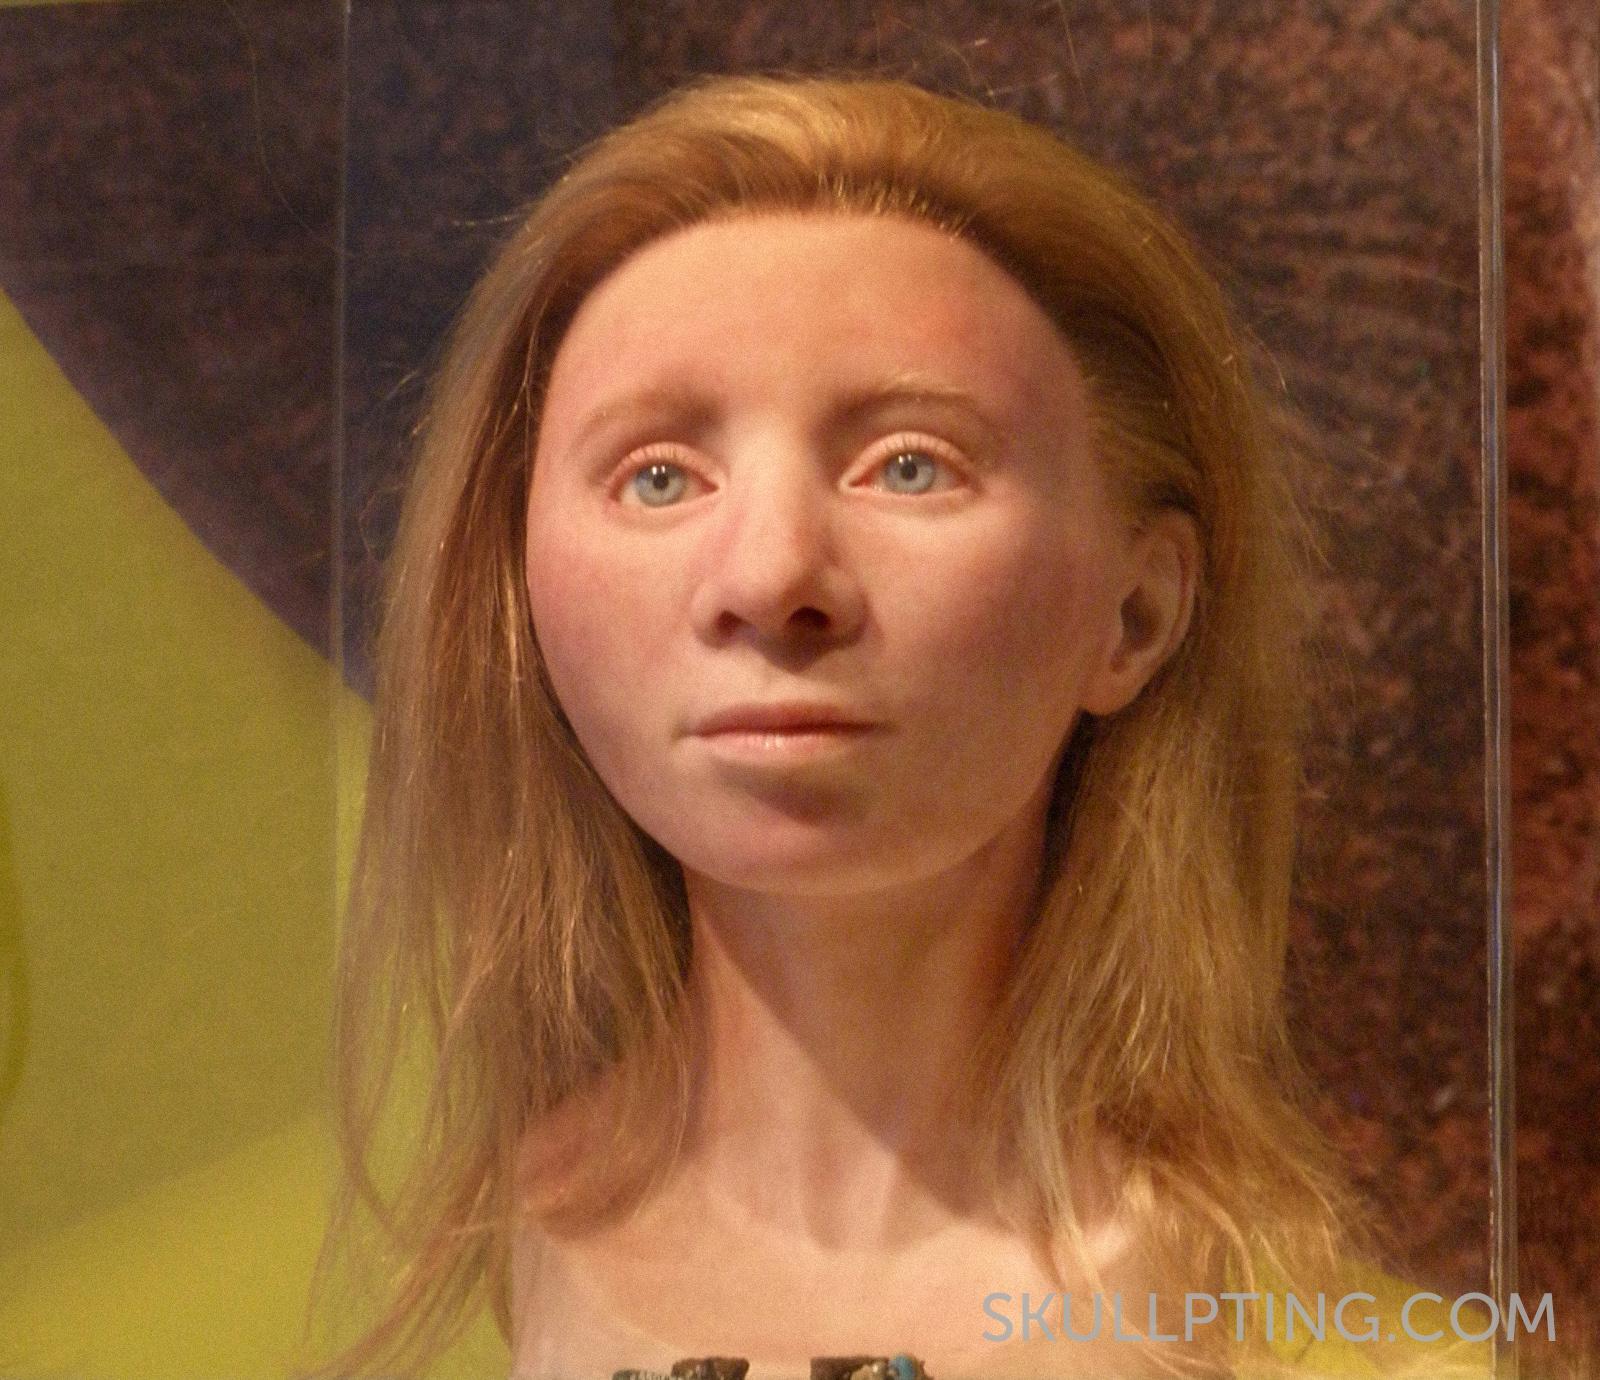 05-gera in museum polaroid 1 copy